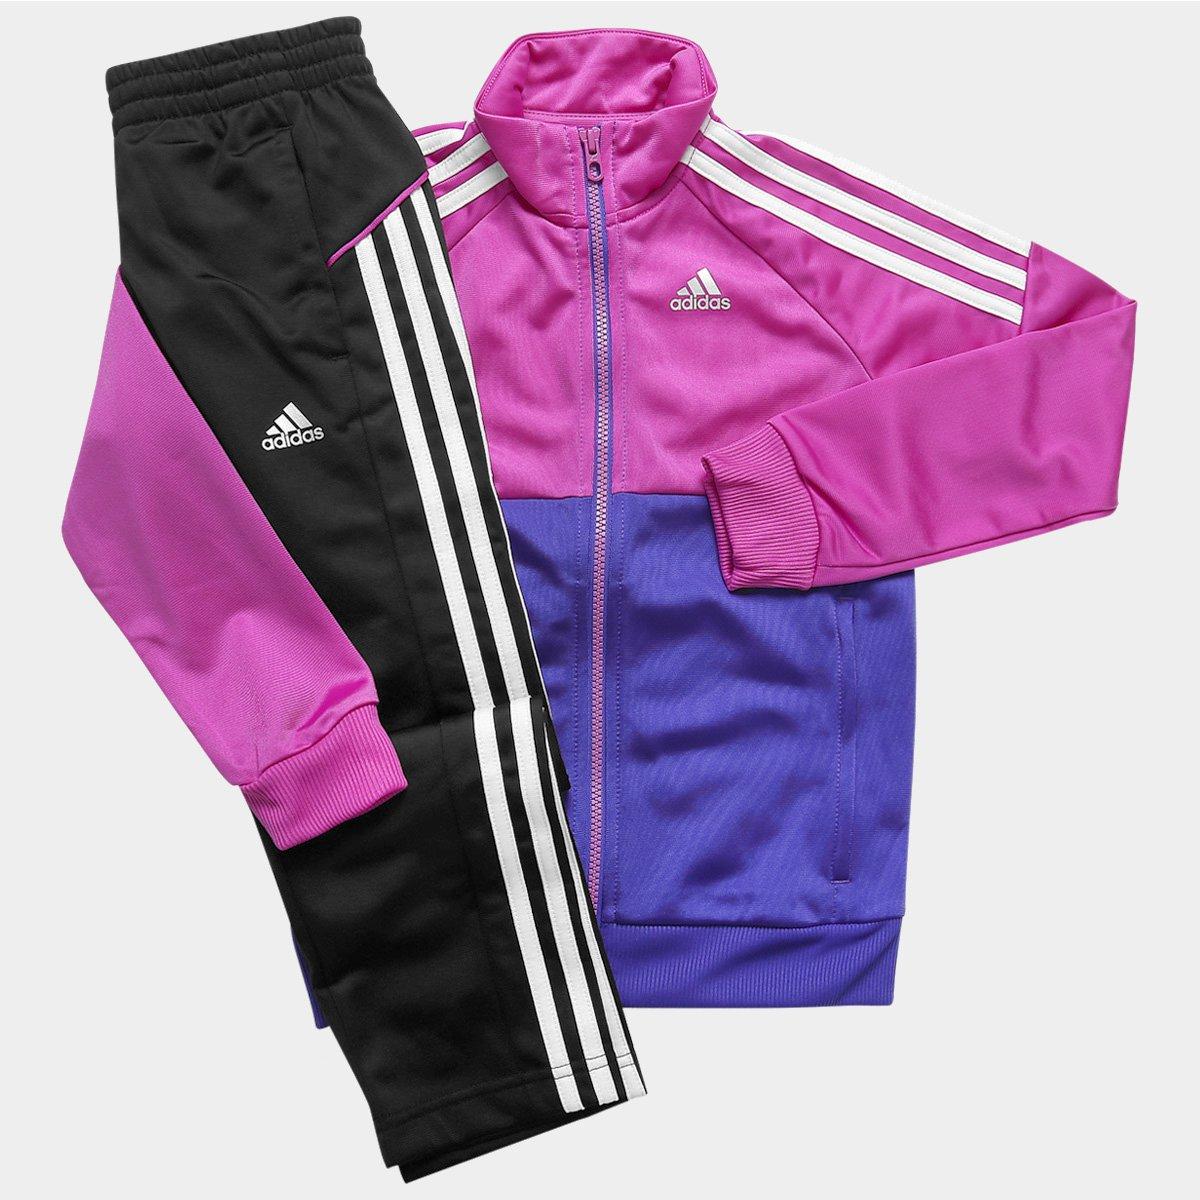 4b281b4d83 Agasalho Adidas YK TS Gear KN O Infantil - Compre Agora